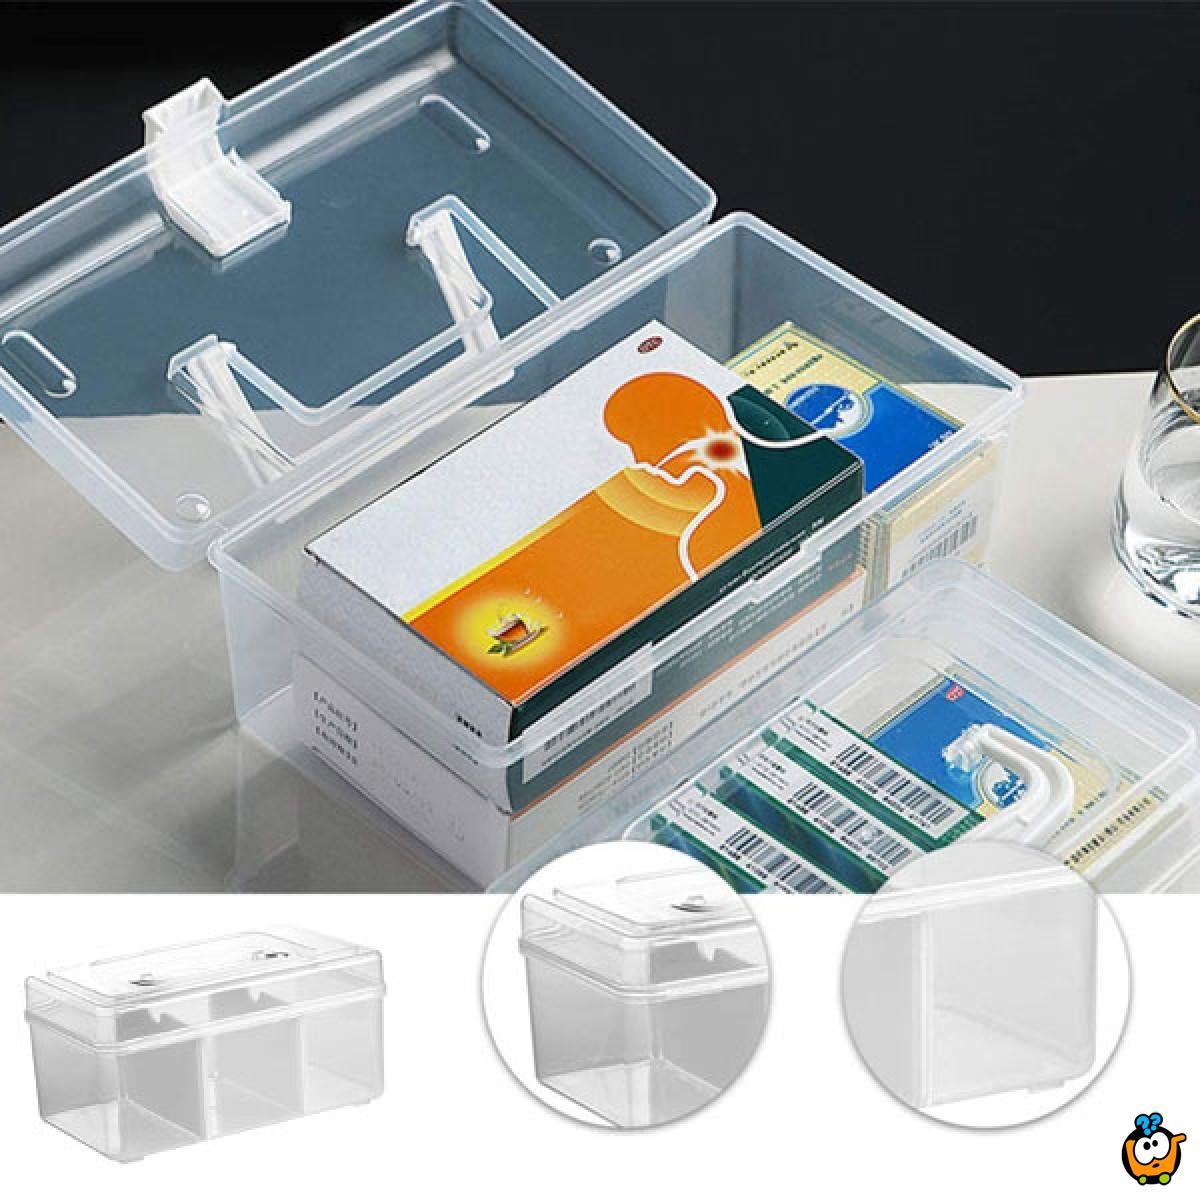 Višenamenska kutija - koferče za skladištenje sitnih stvari